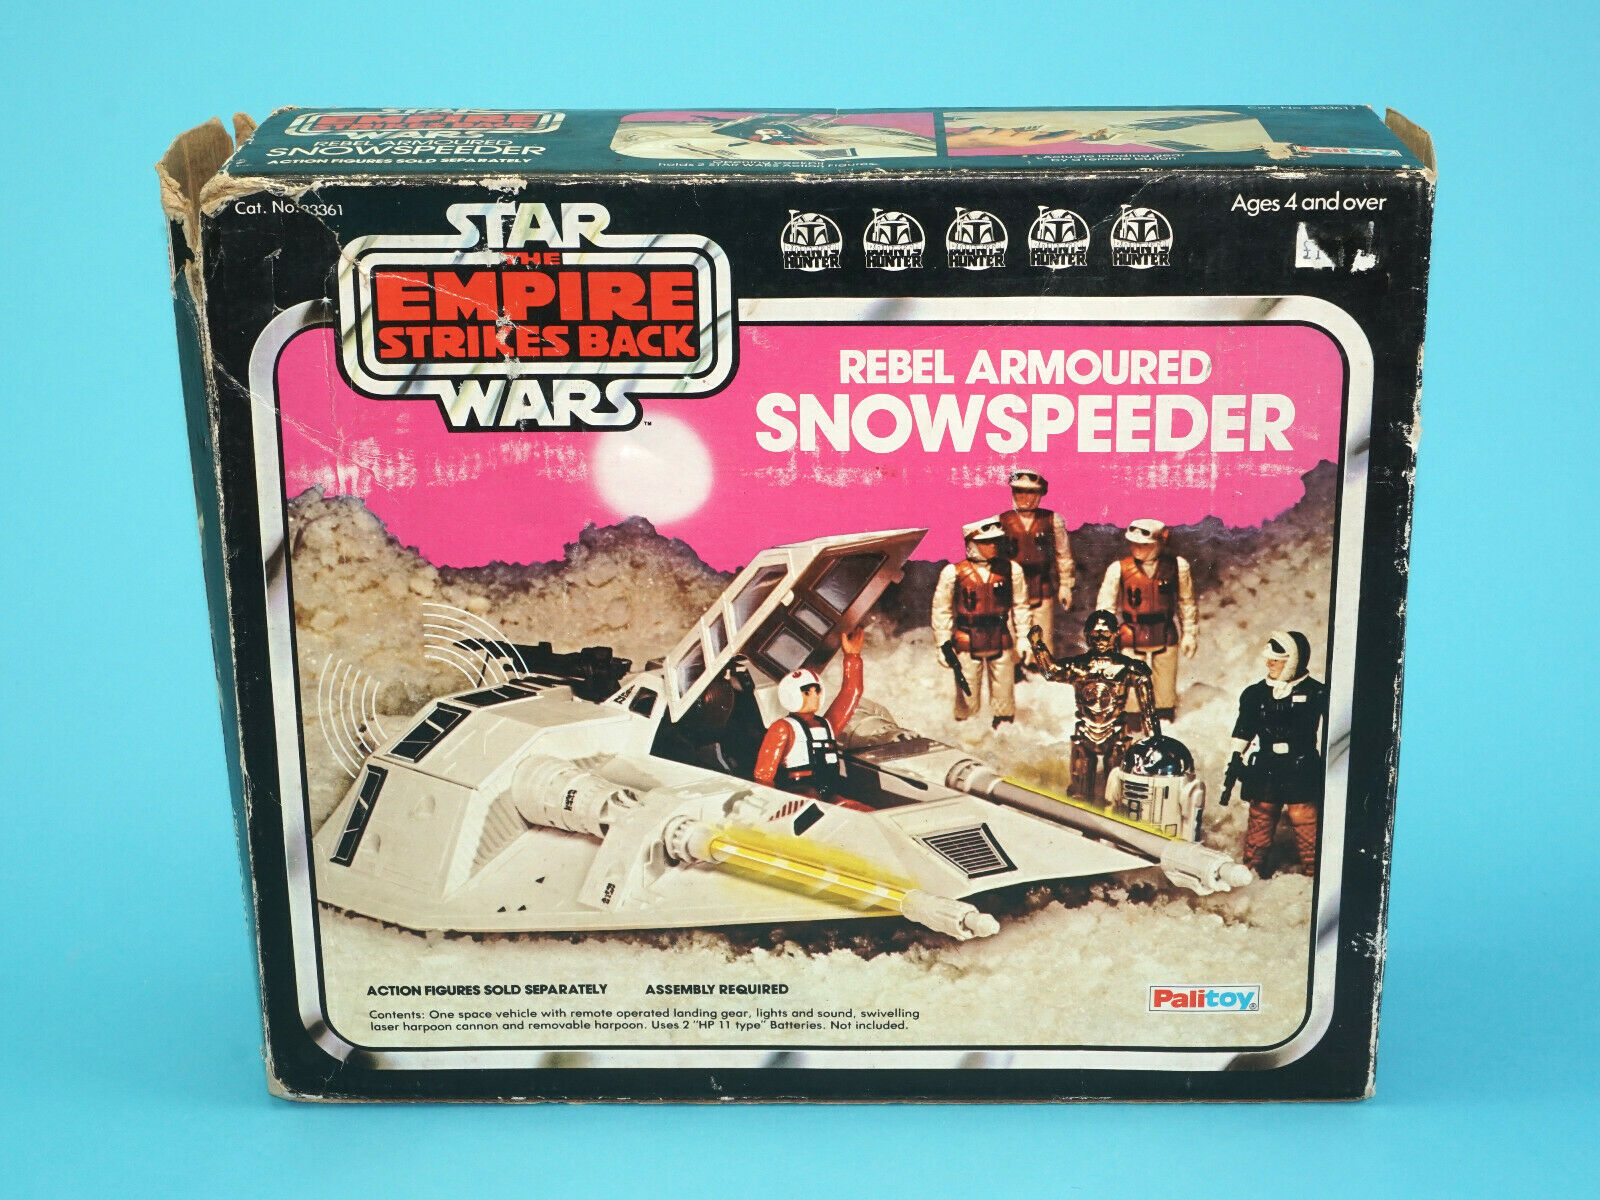 Estrella WARS ESB SNOWSPEEDER IN ORIGINAL BOX 1980 PALITOY KENNER